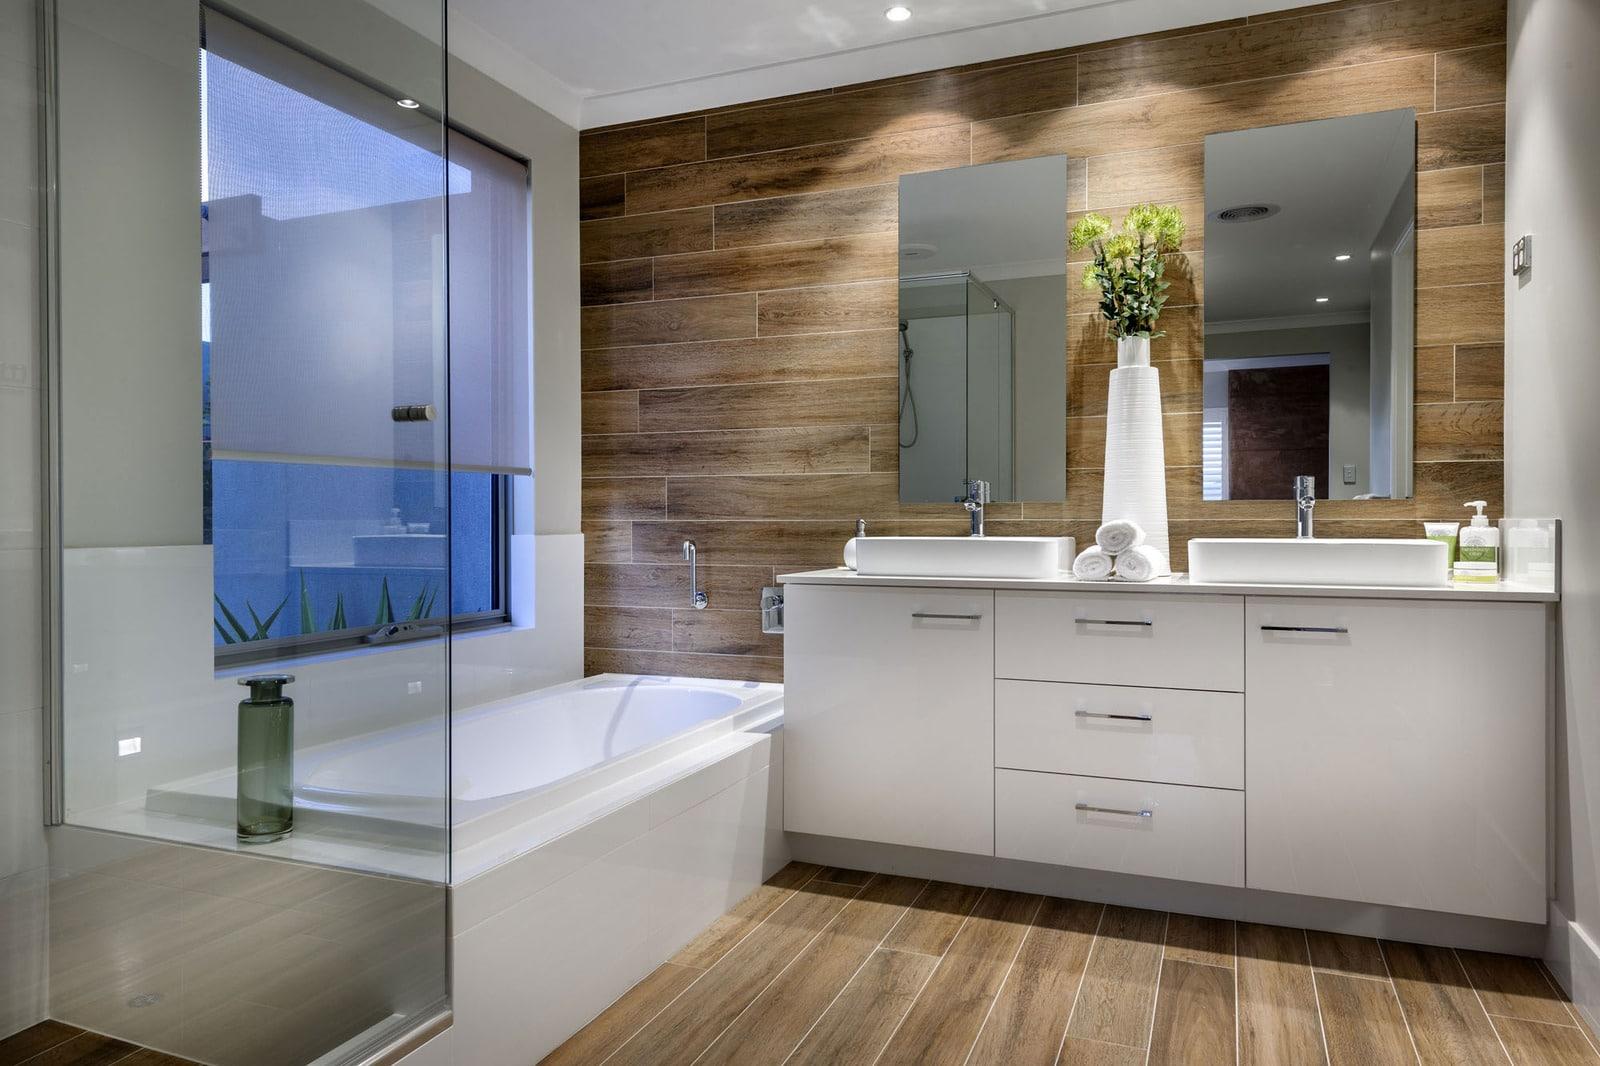 Baño Minimalista Rojo:Rustic Wood Bathroom Wall Tile